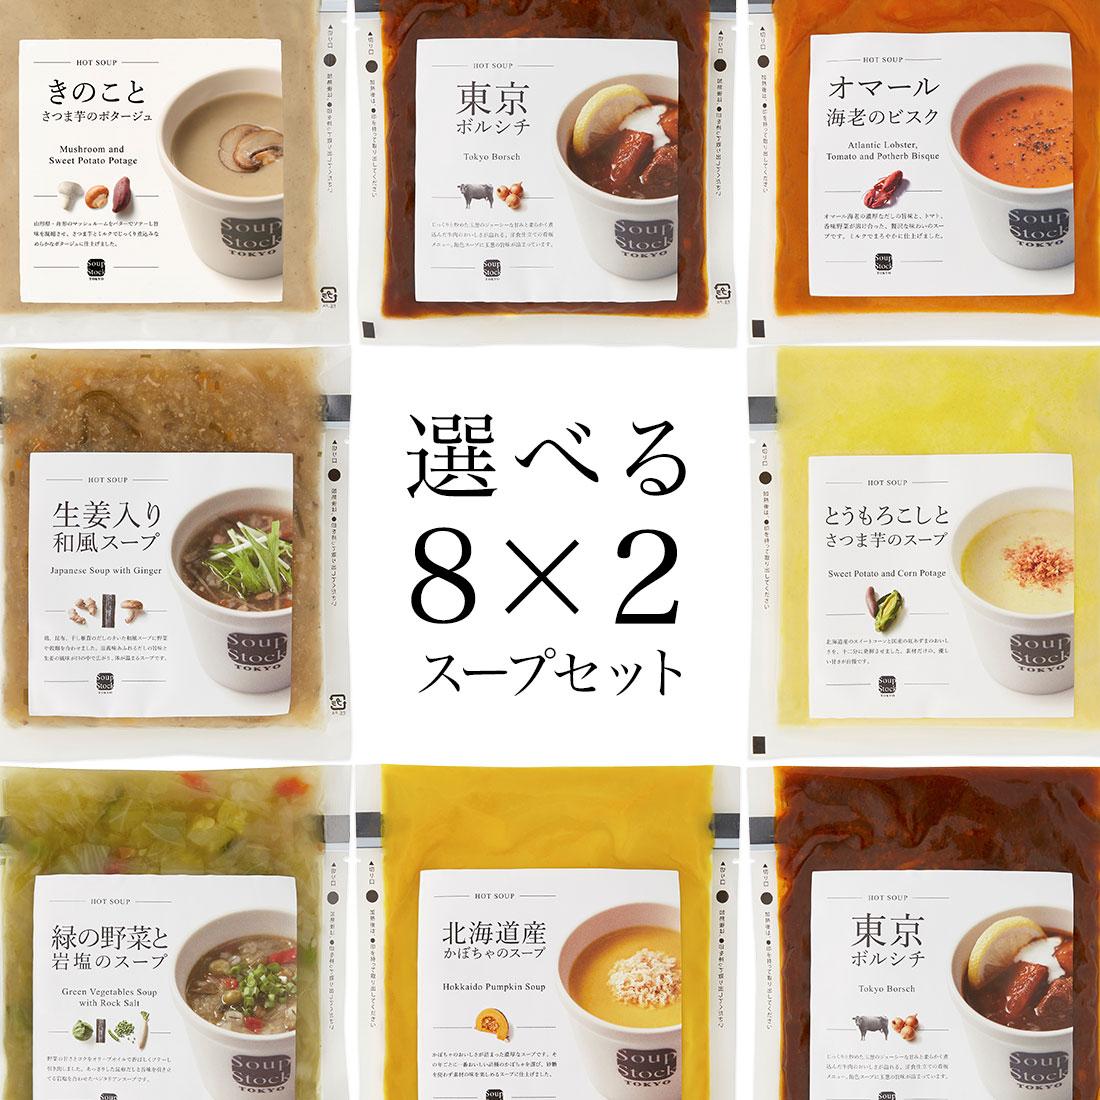 【送料込】スープストックトーキョー 選べる 8種類 X 2スープカレーセット / カジュアルボックス